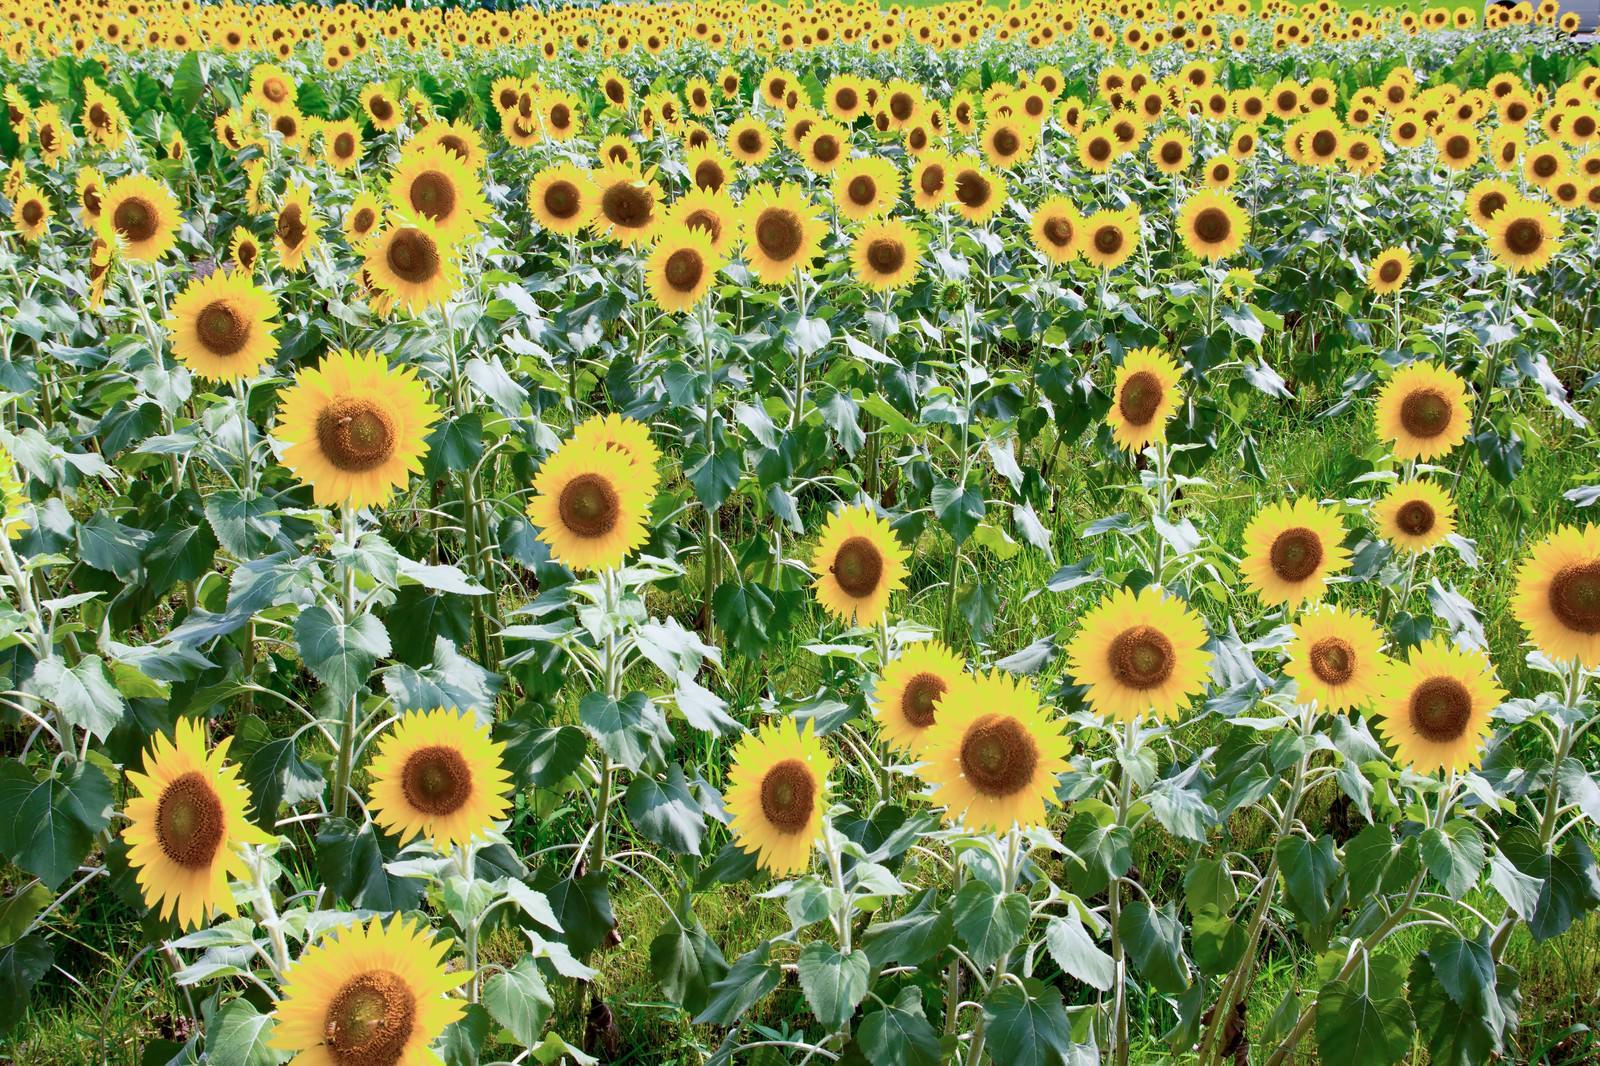 「ひまわり畑」の写真